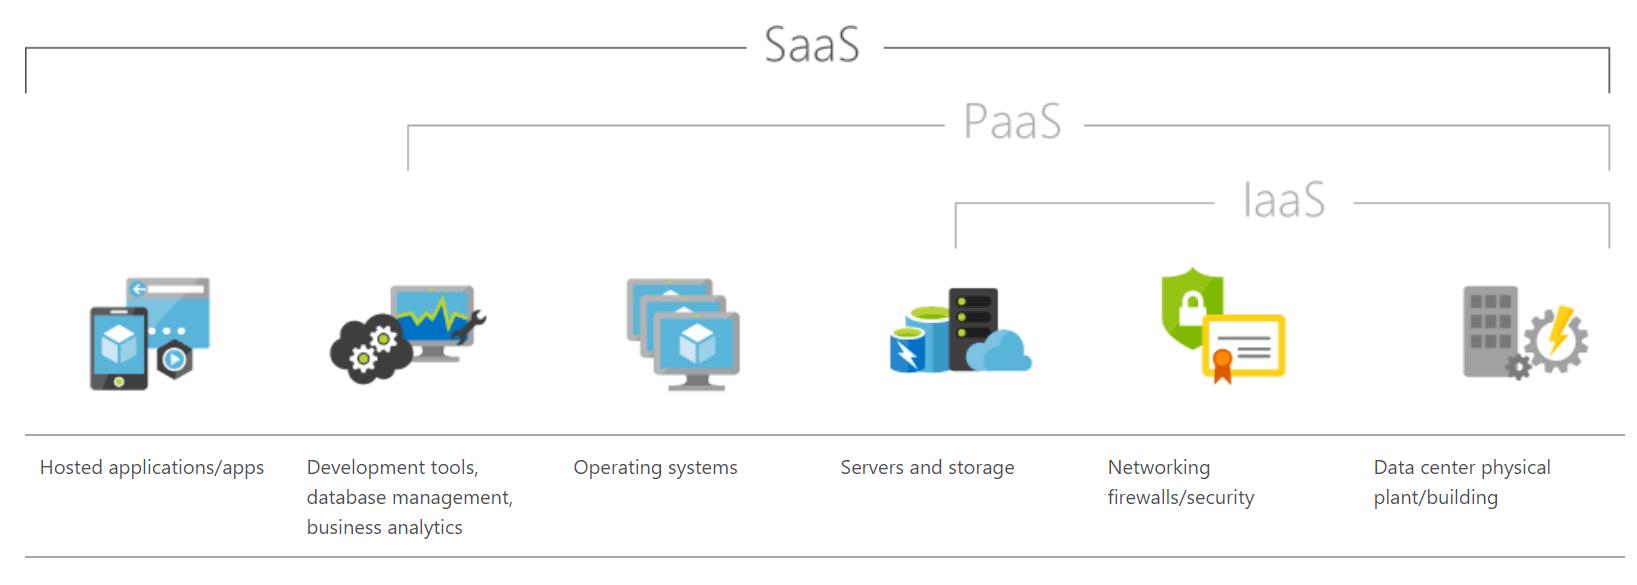 SaaS Security Diagram